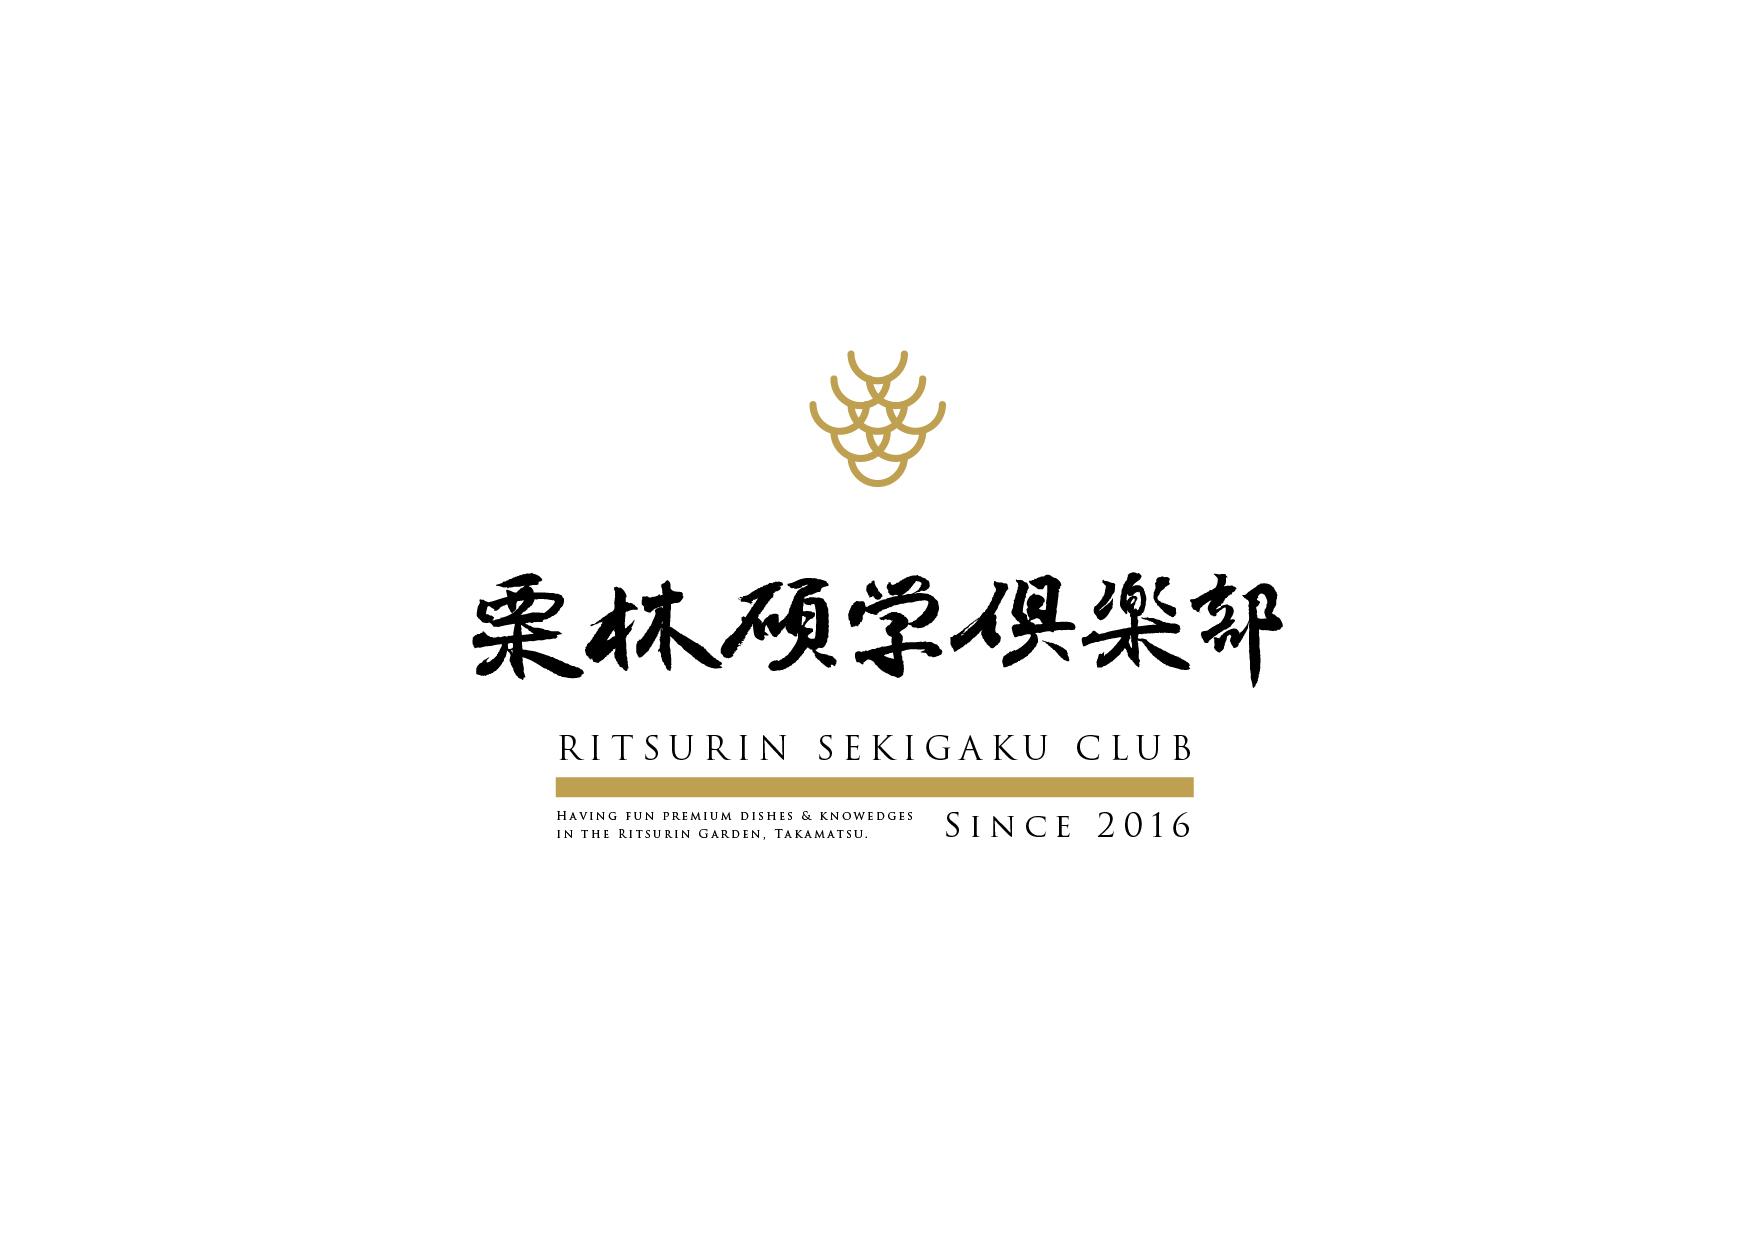 ritsurin_sekigaku_logo_02